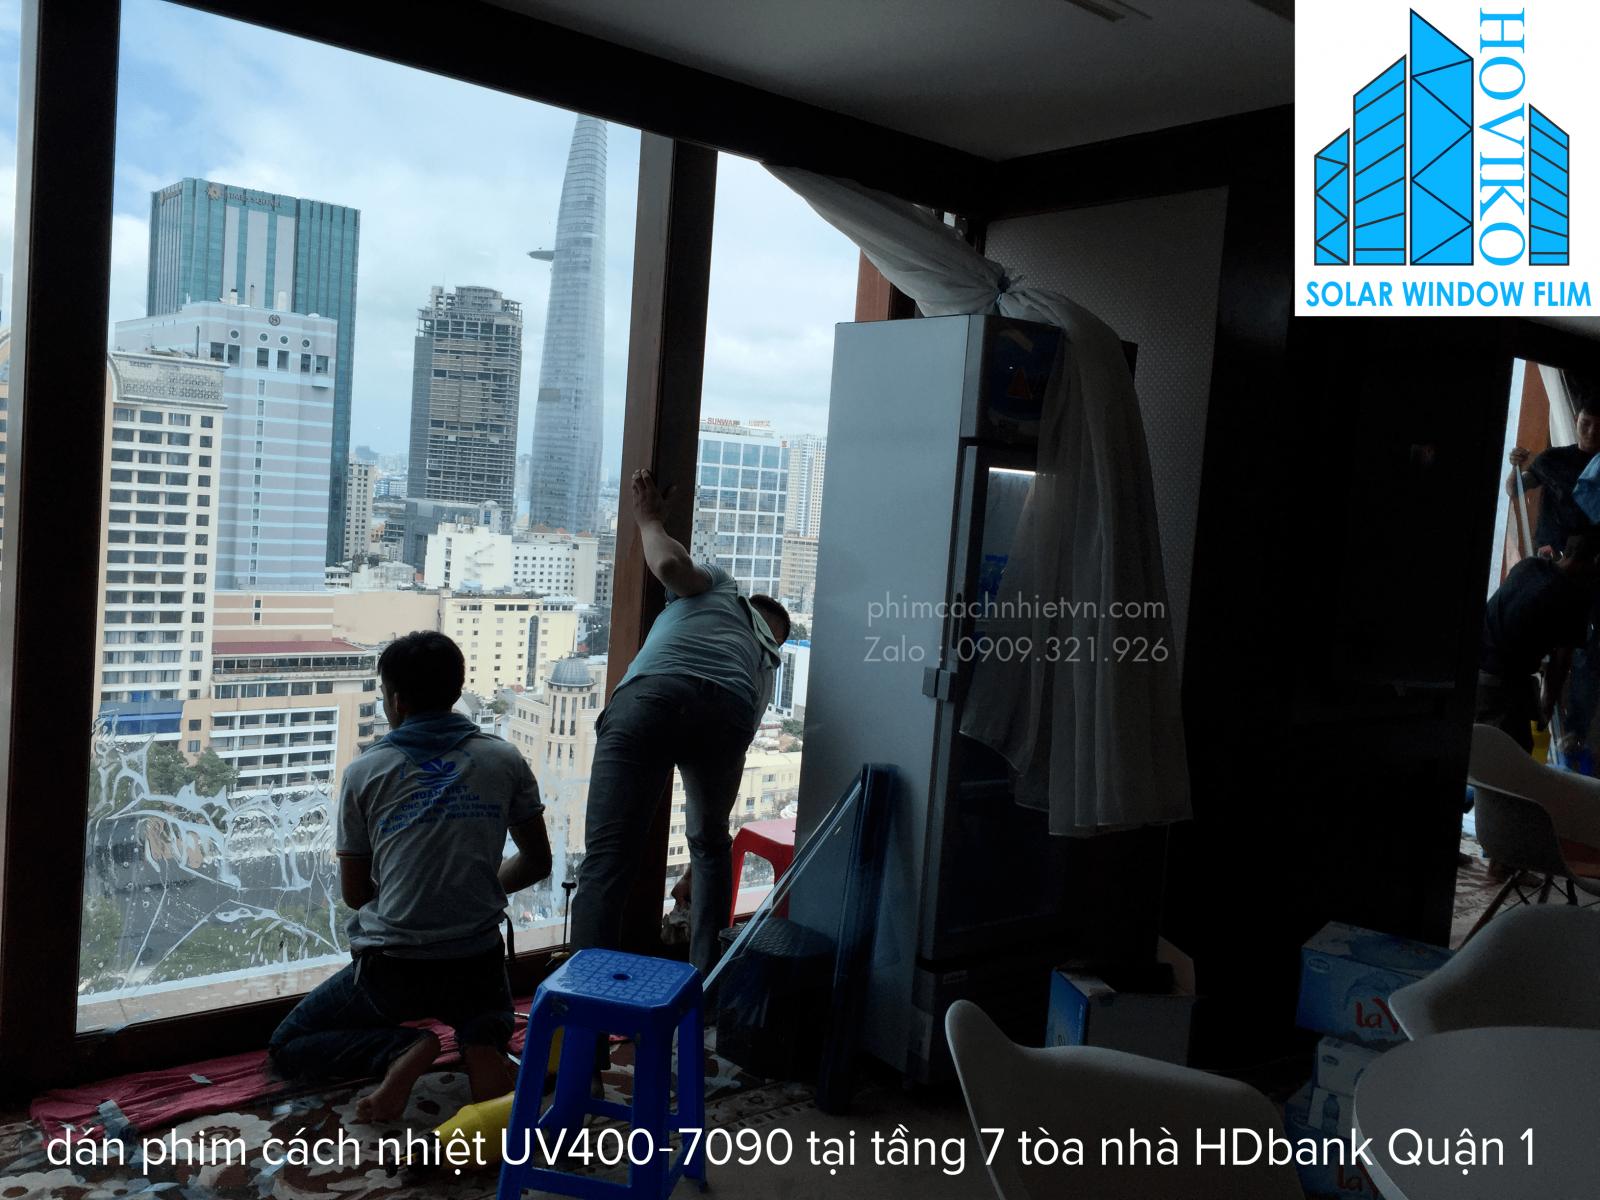 tòa nhà hdbank dán phim cách nhiệt uv400 ir7090